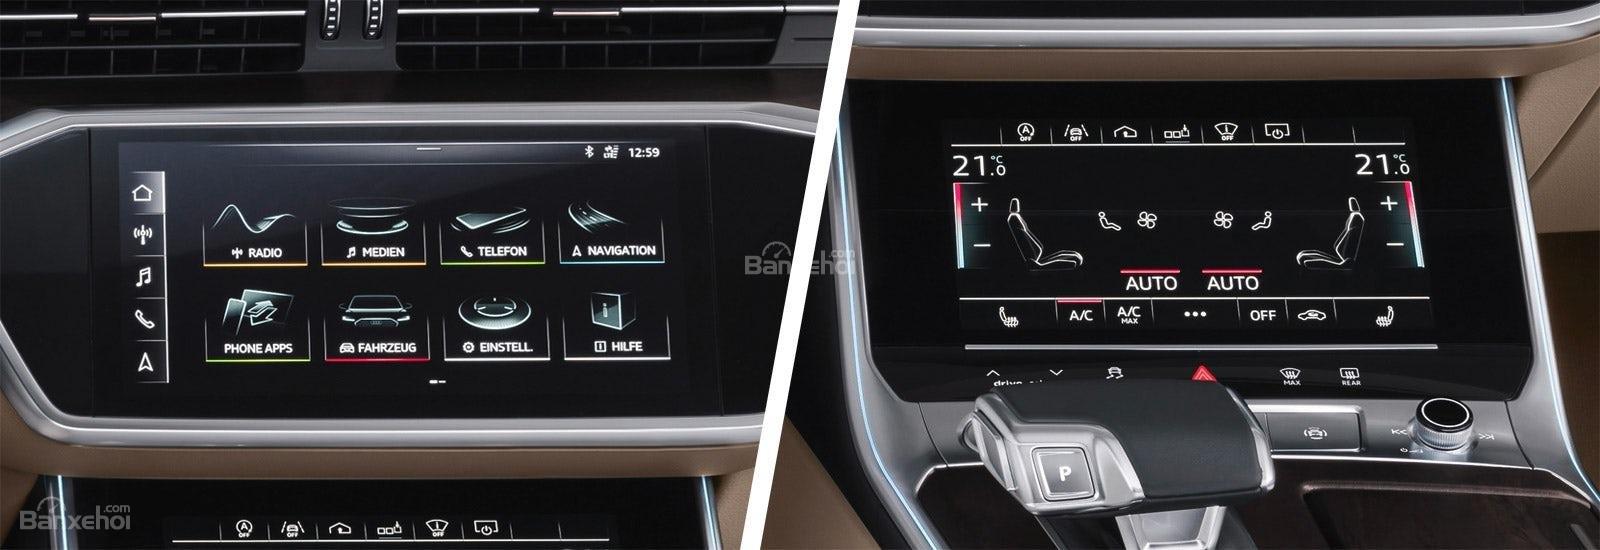 Đánh giá xe Audi A6 2019 về trang bị tiện nghi 2